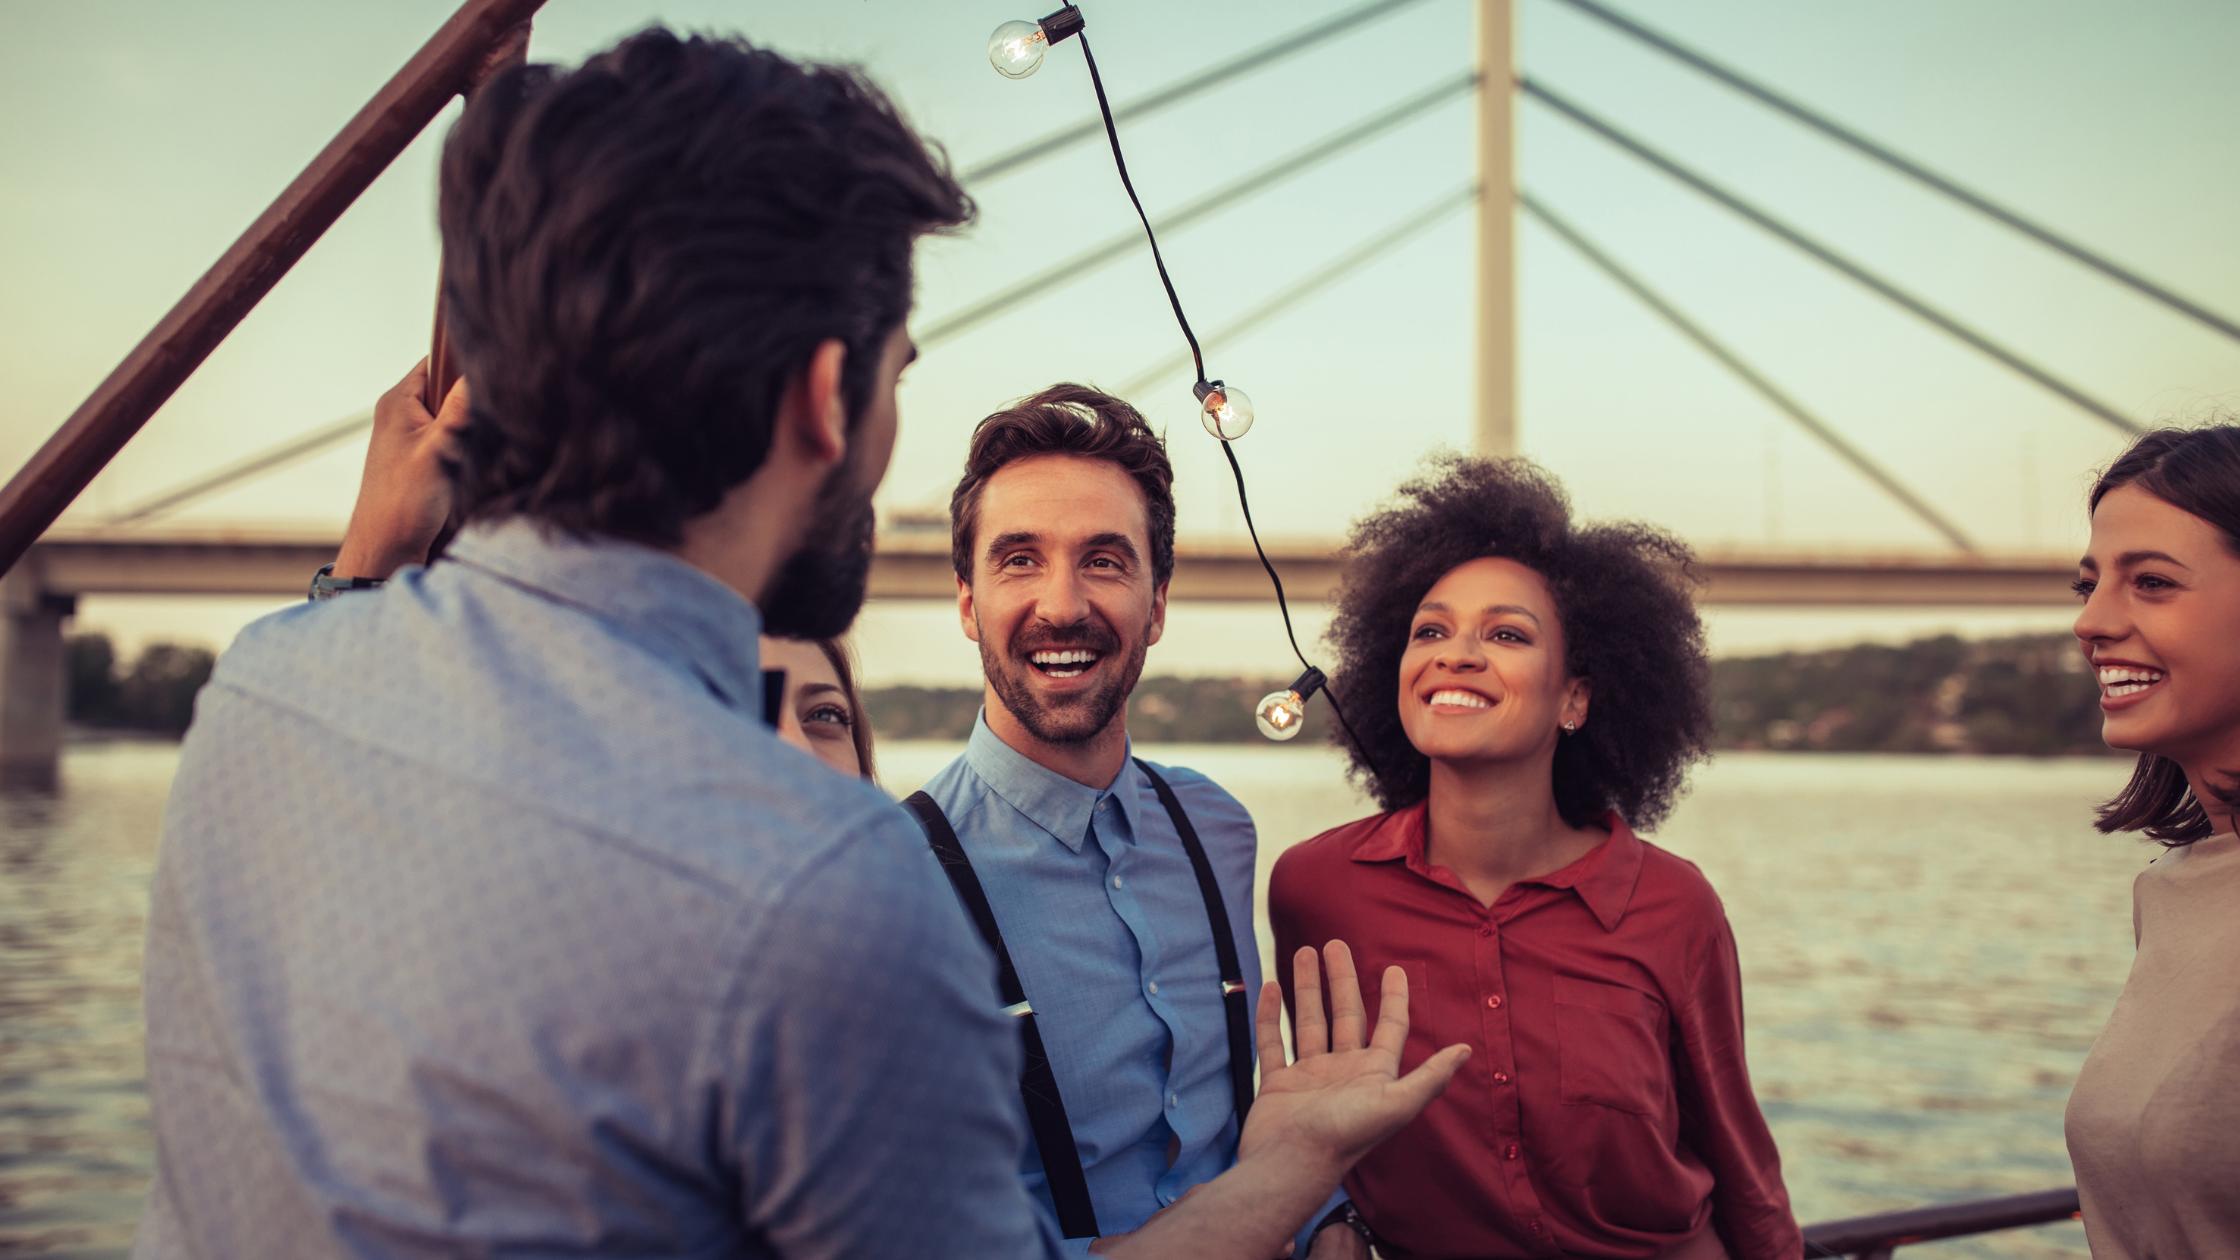 Como o storytelling pode potencializar a sua carreira?